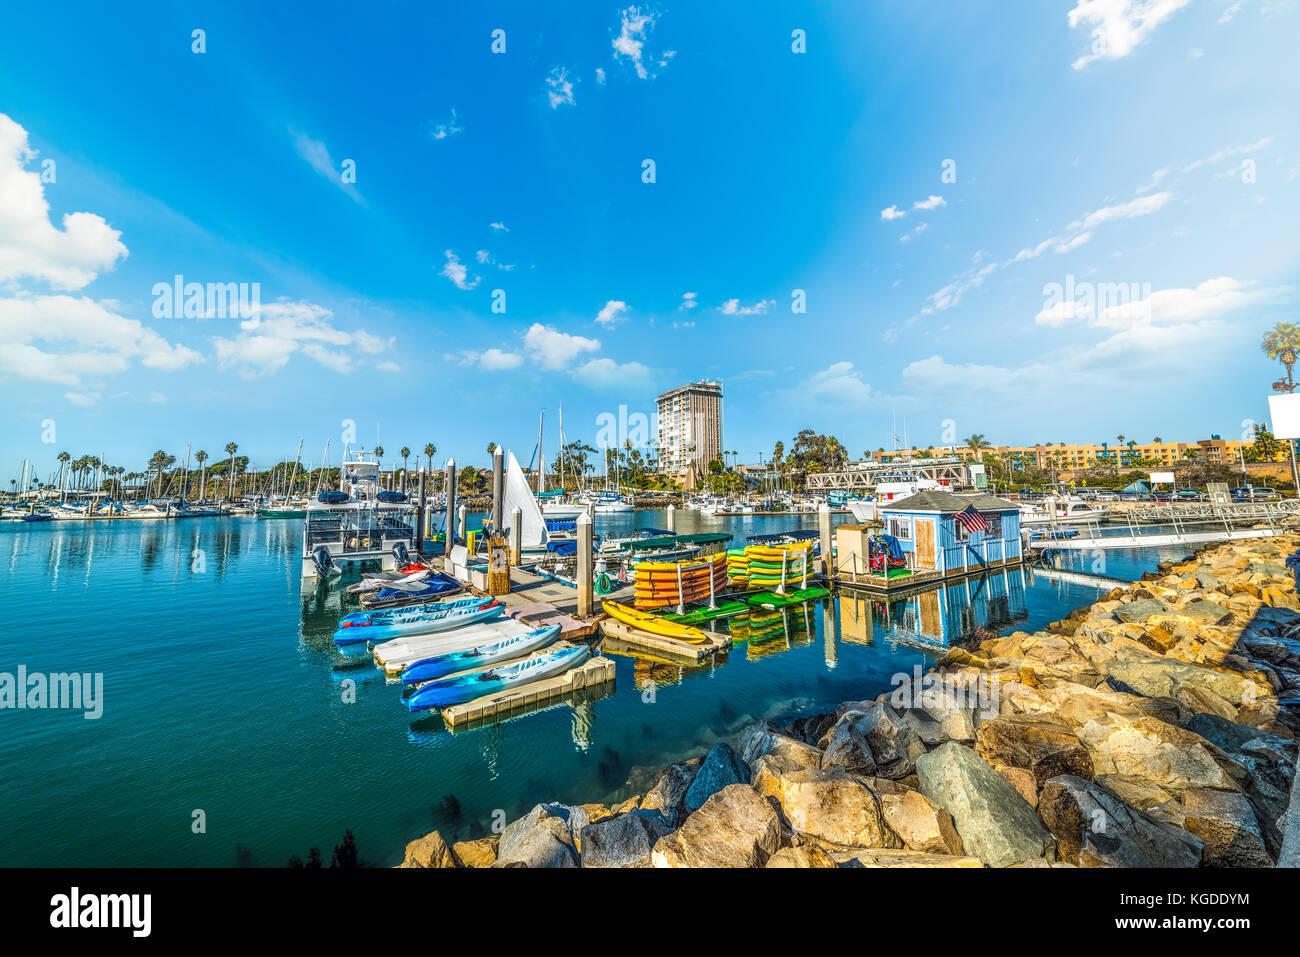 San Marina Pier Water Reflection Stock Photos Amp San Marina